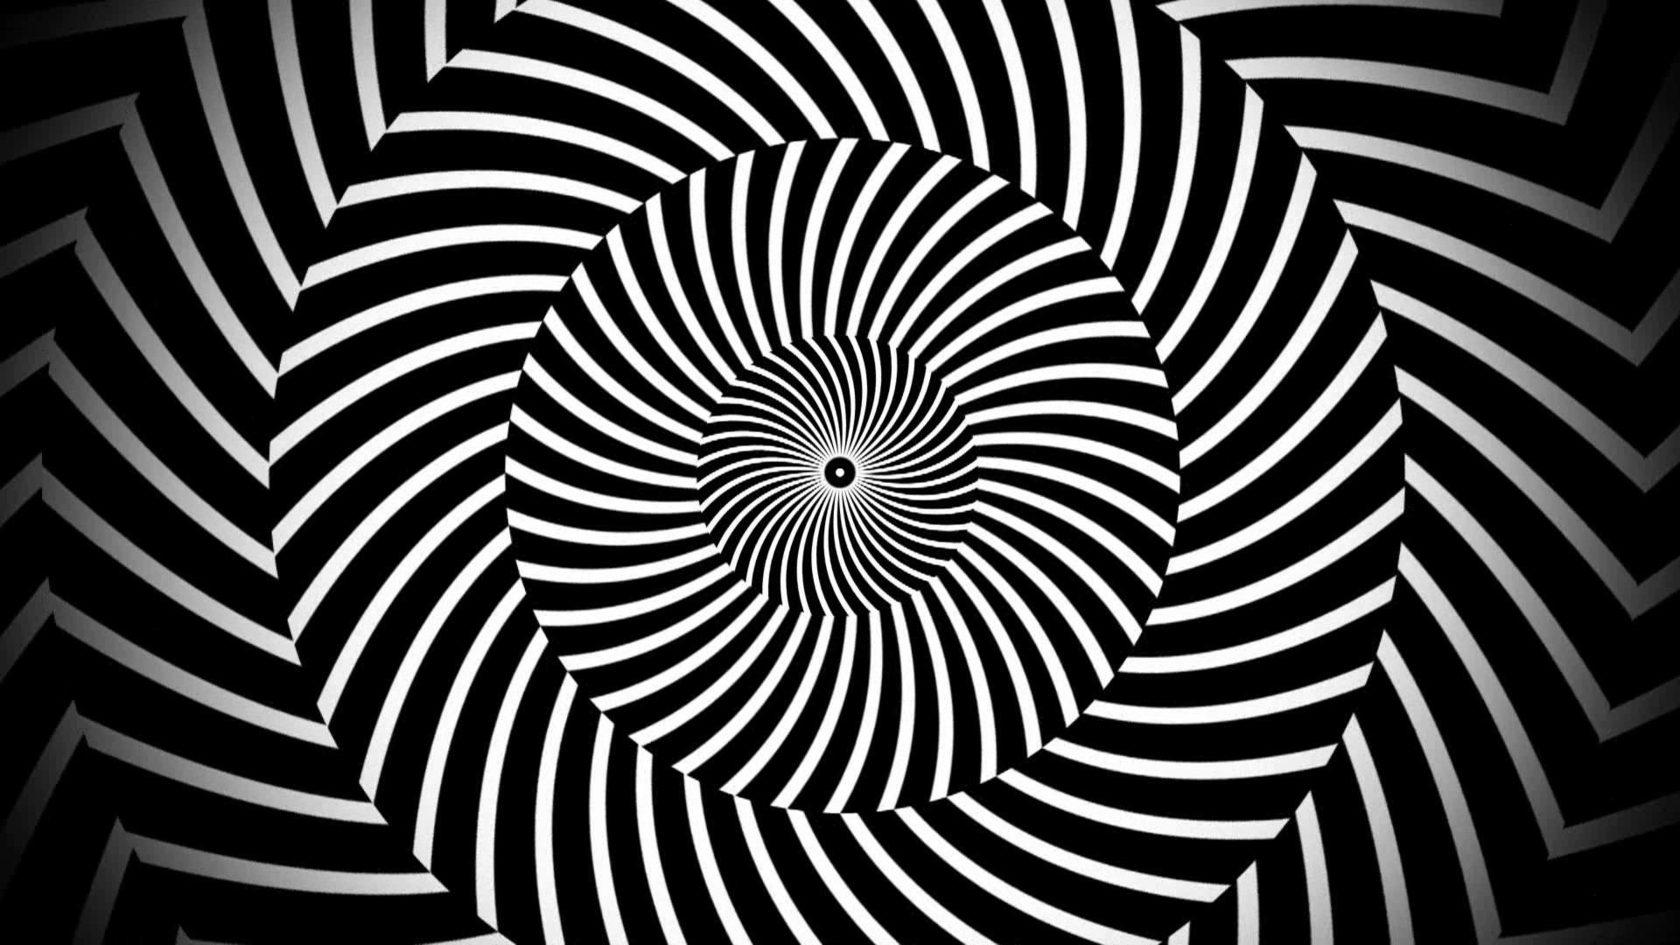 механический гипнотизирующие картинки двигаются довольно